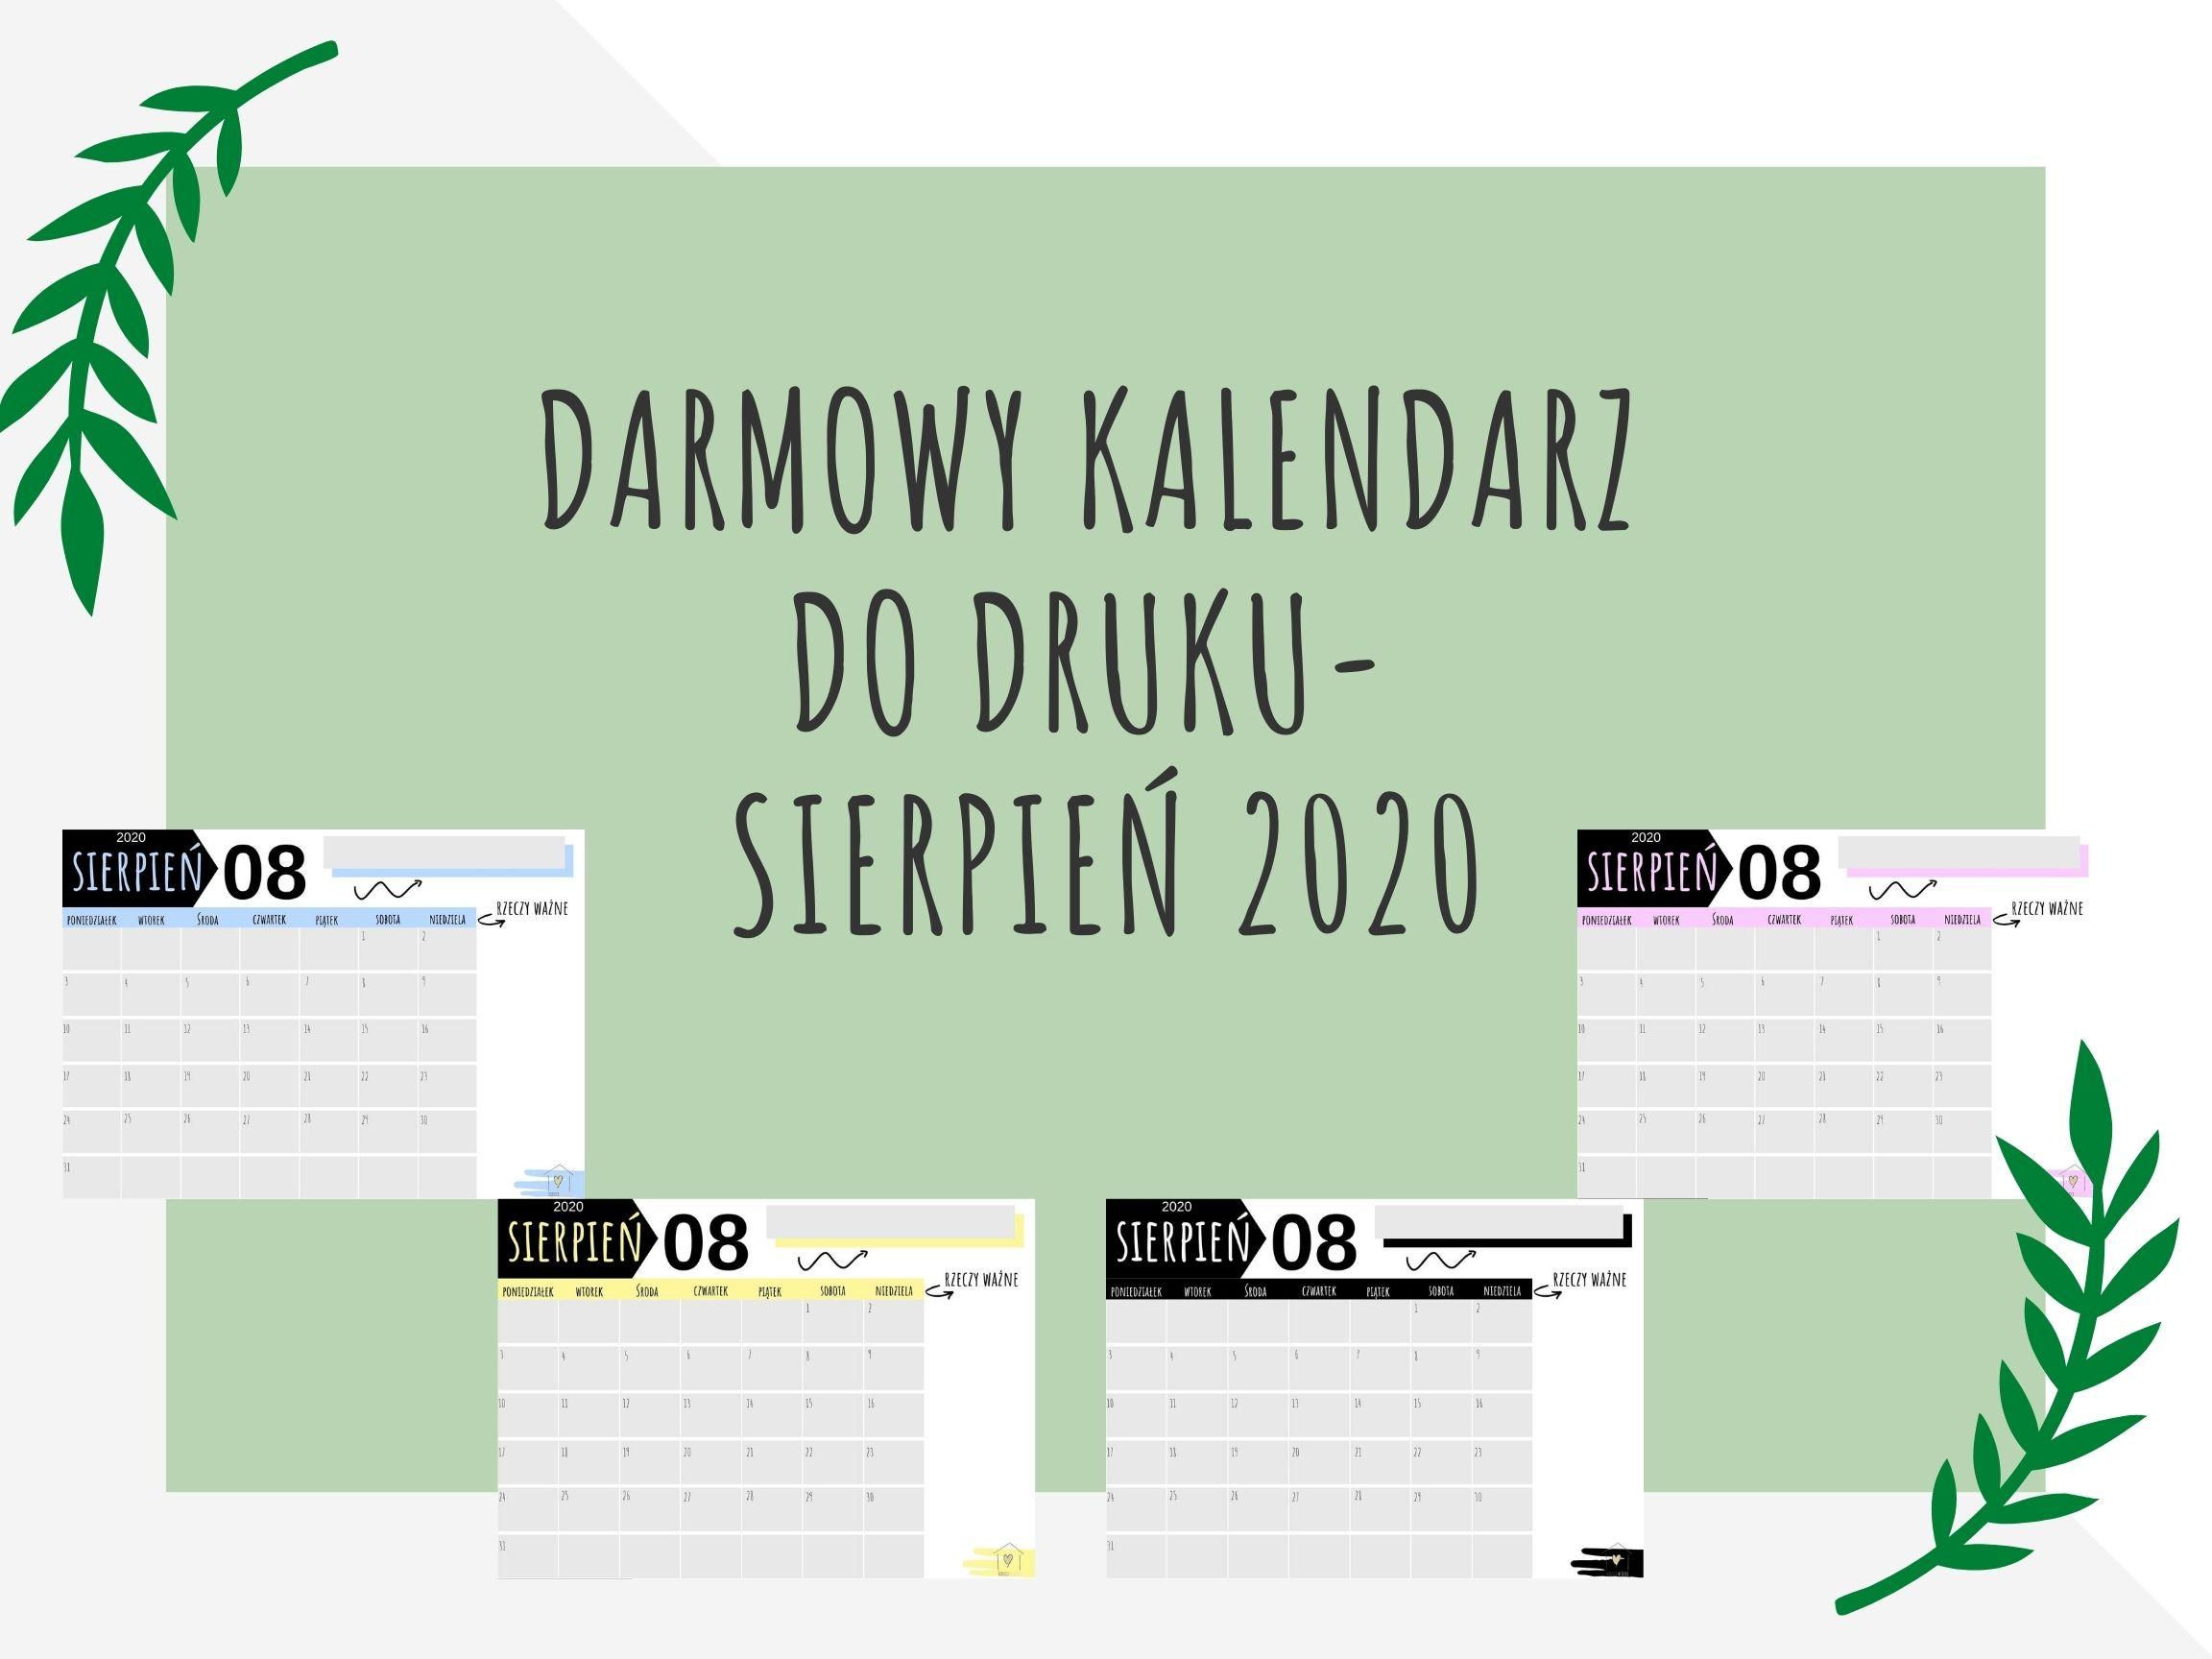 Darmowy kalendarz do druku- SIERPIEŃ 2020